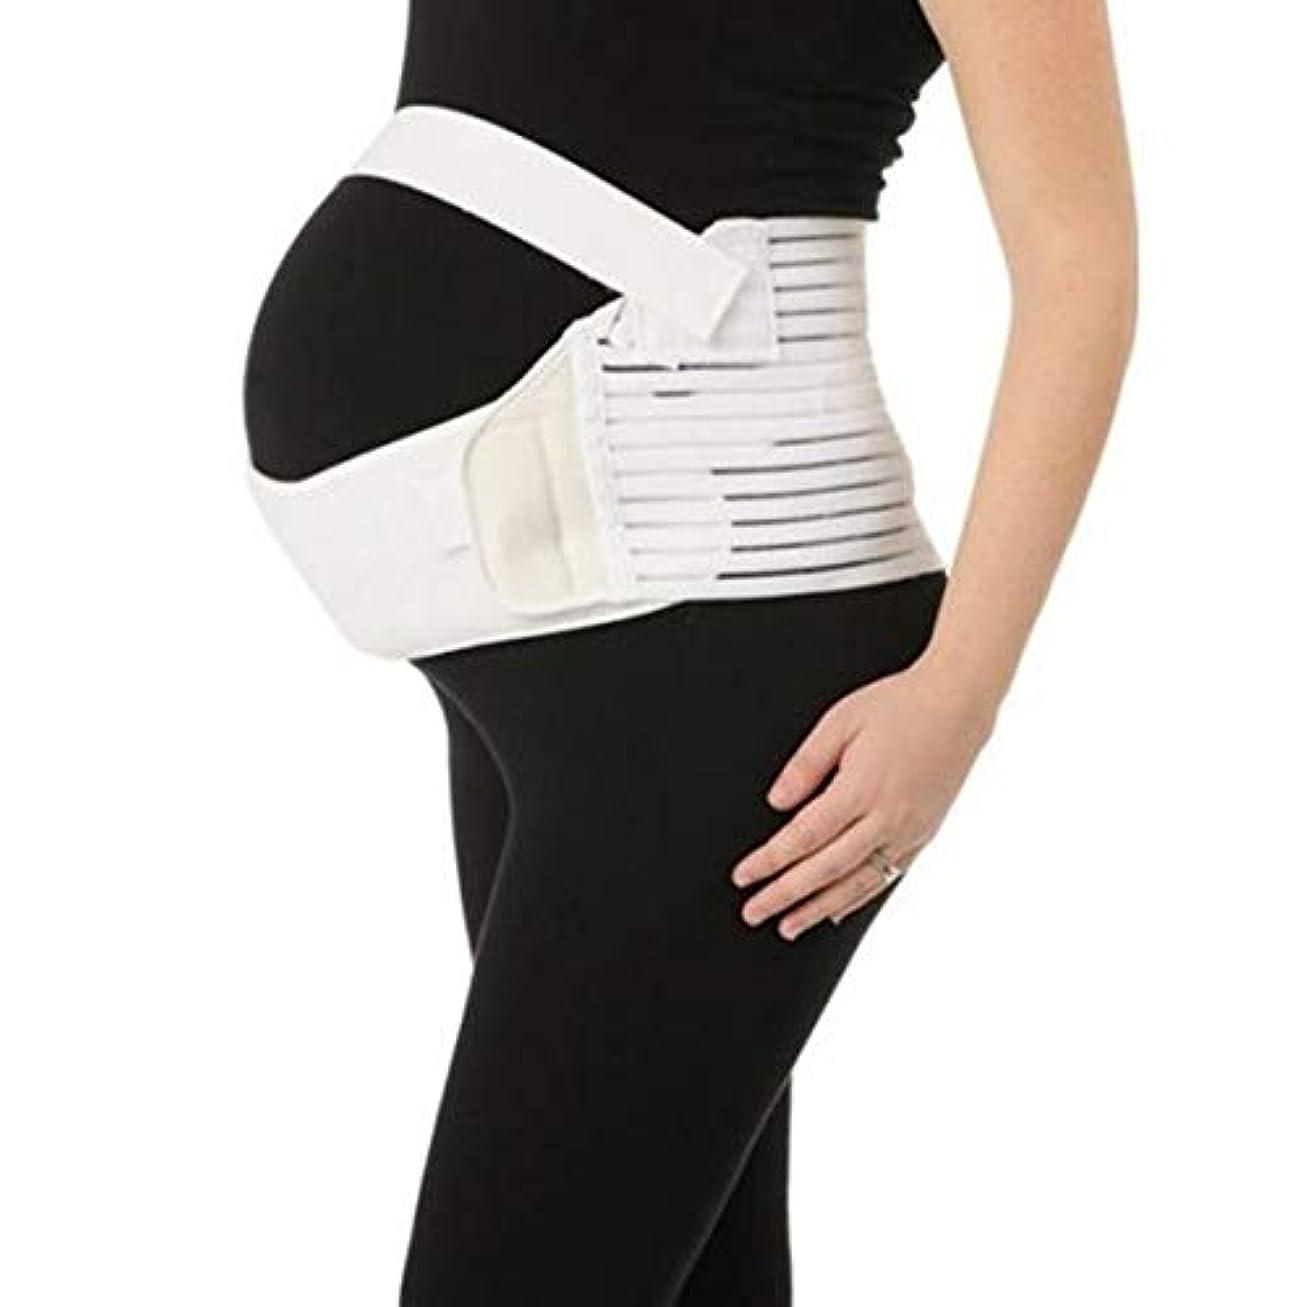 人工的なドル冷笑する通気性マタニティベルト妊娠腹部サポート腹部バインダーガードル運動包帯産後の回復shapewear - ホワイトL